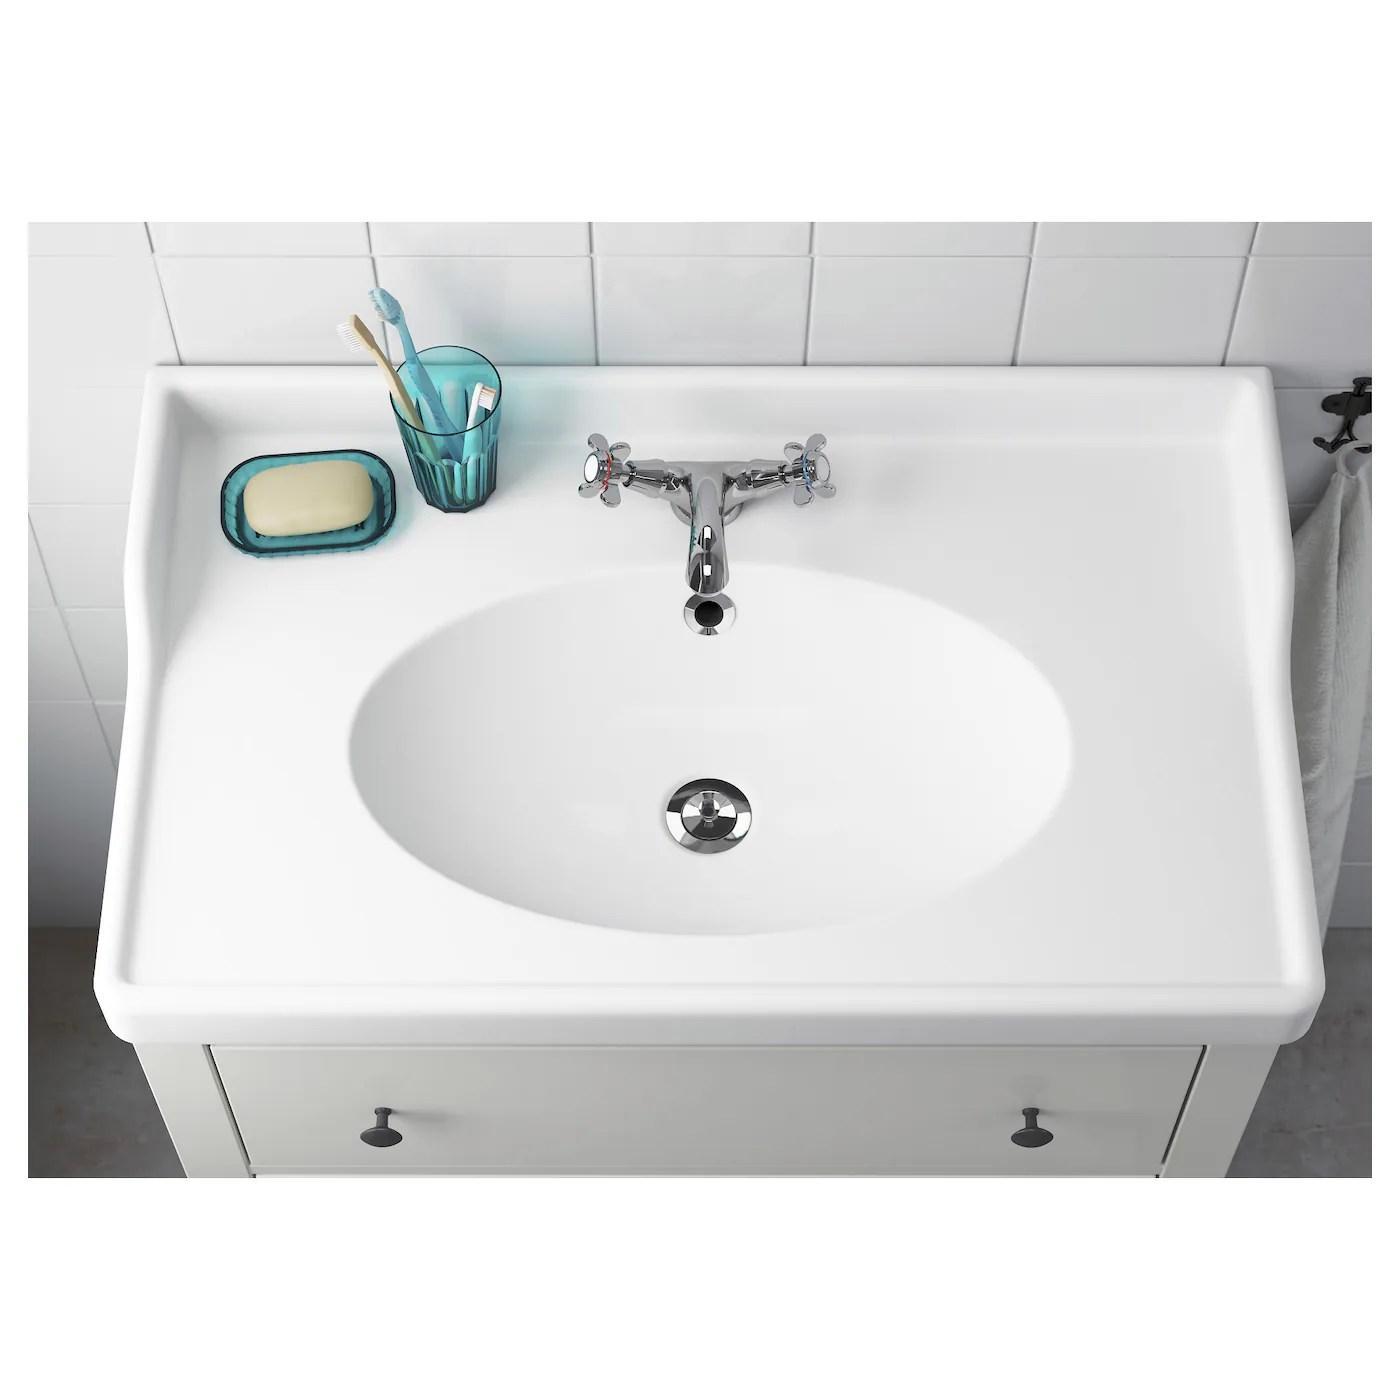 rattviken sink white 32 1 4x19 1 4x2 3 8